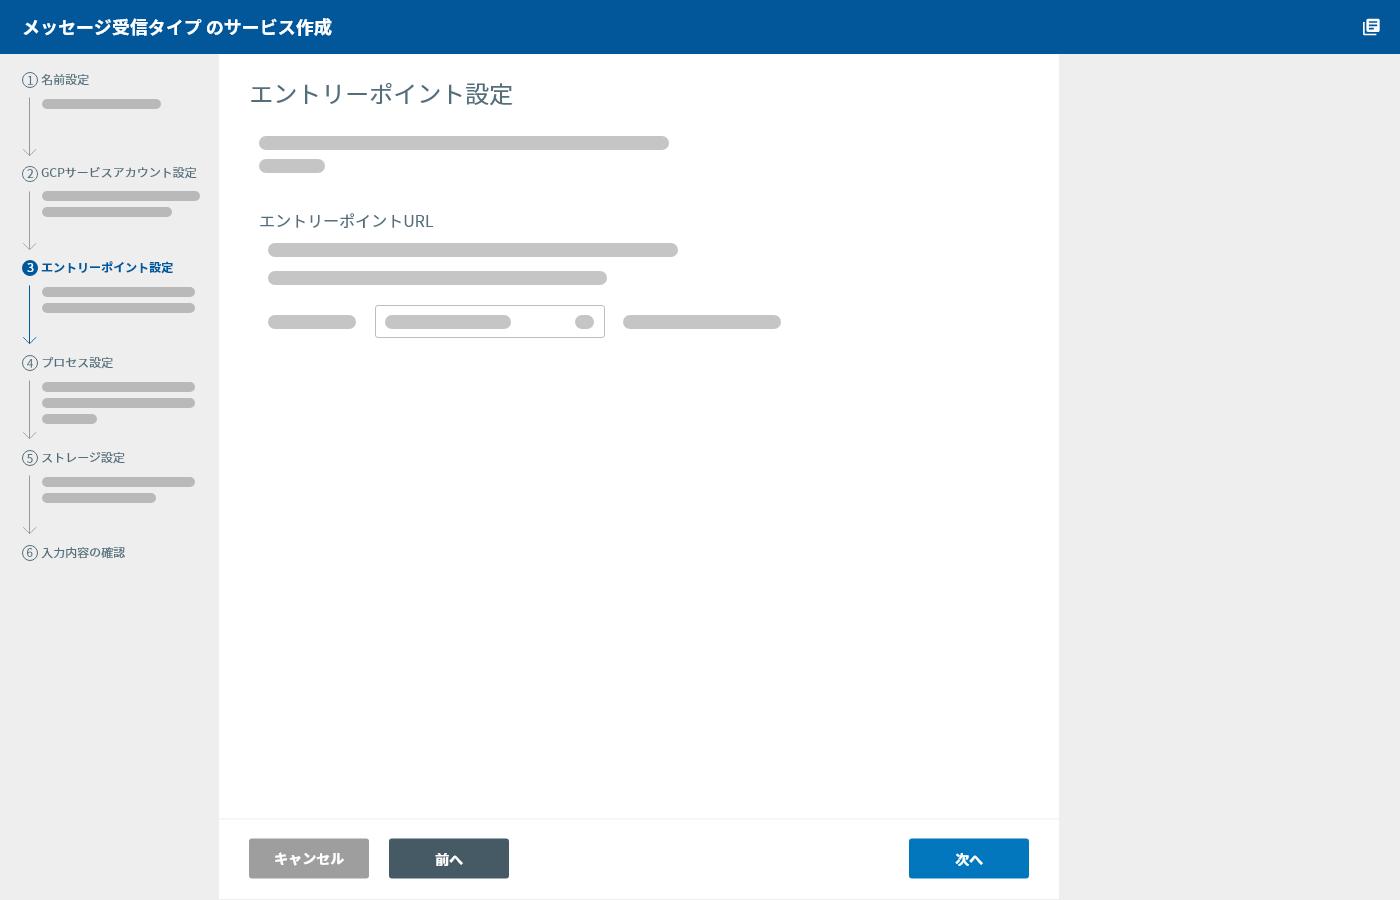 データバケット(メッセージ受信)エントリーポイント設定